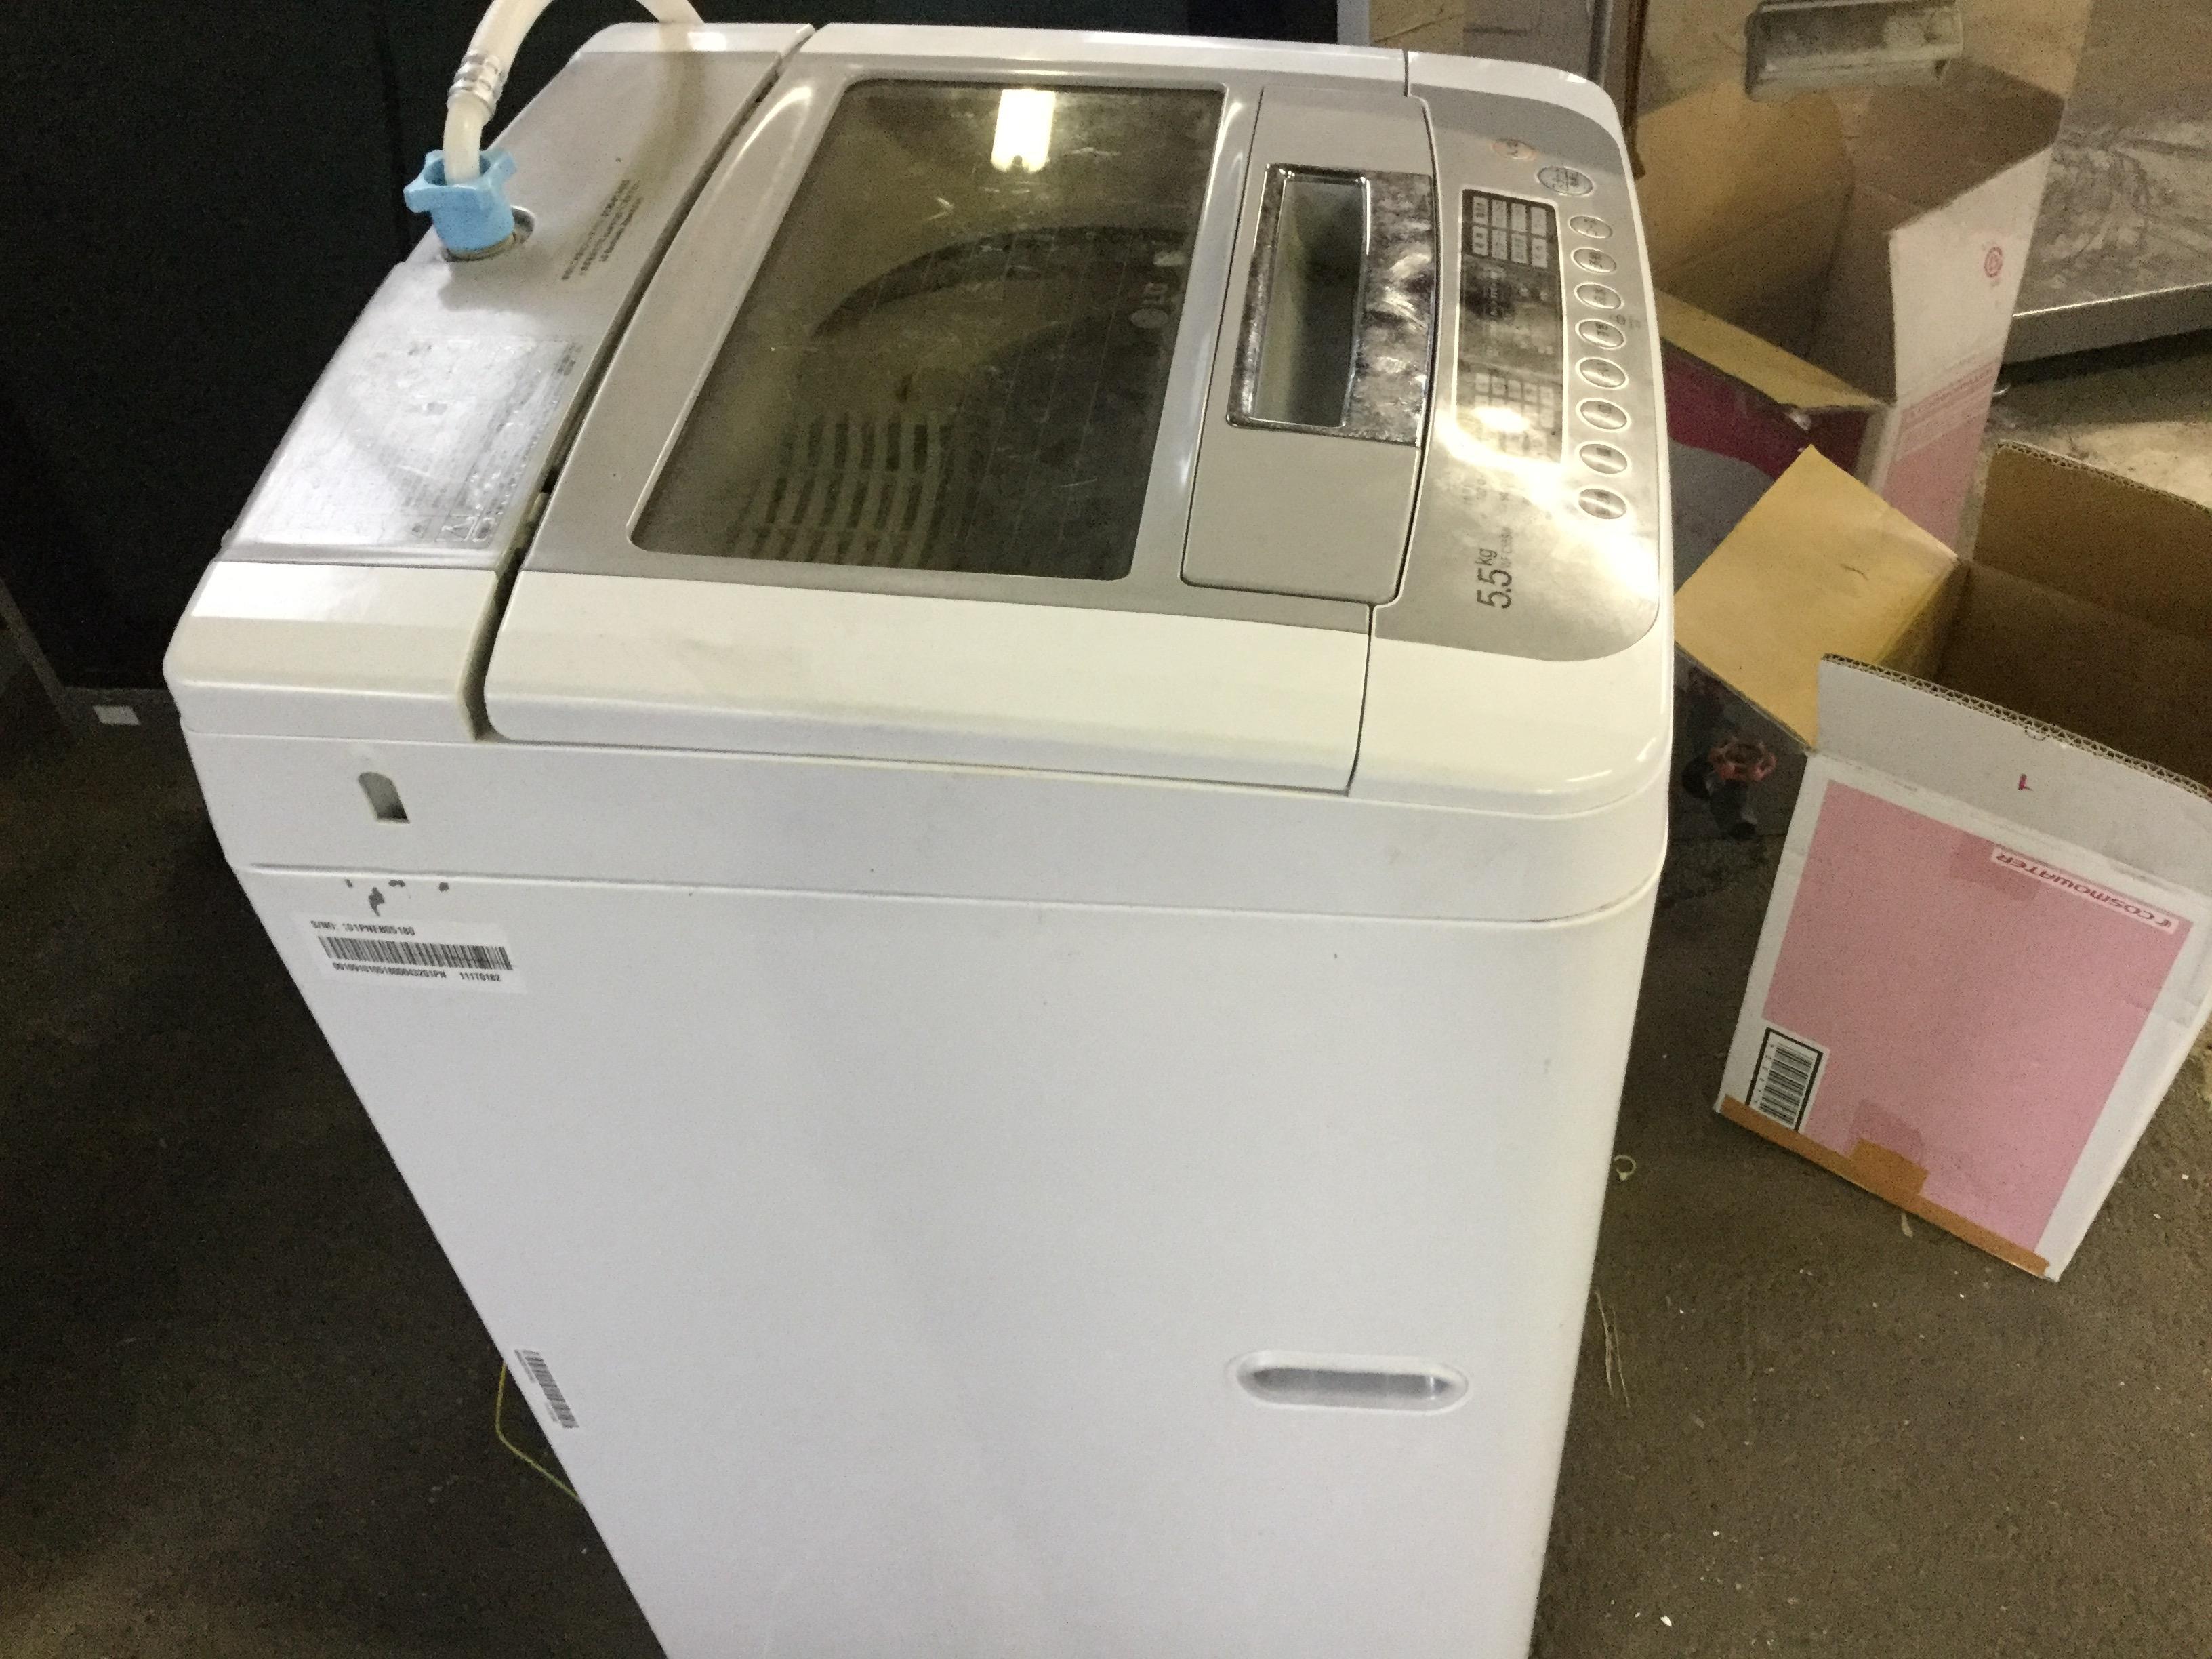 岡山市北区で粗大ゴミの回収をした洗濯機